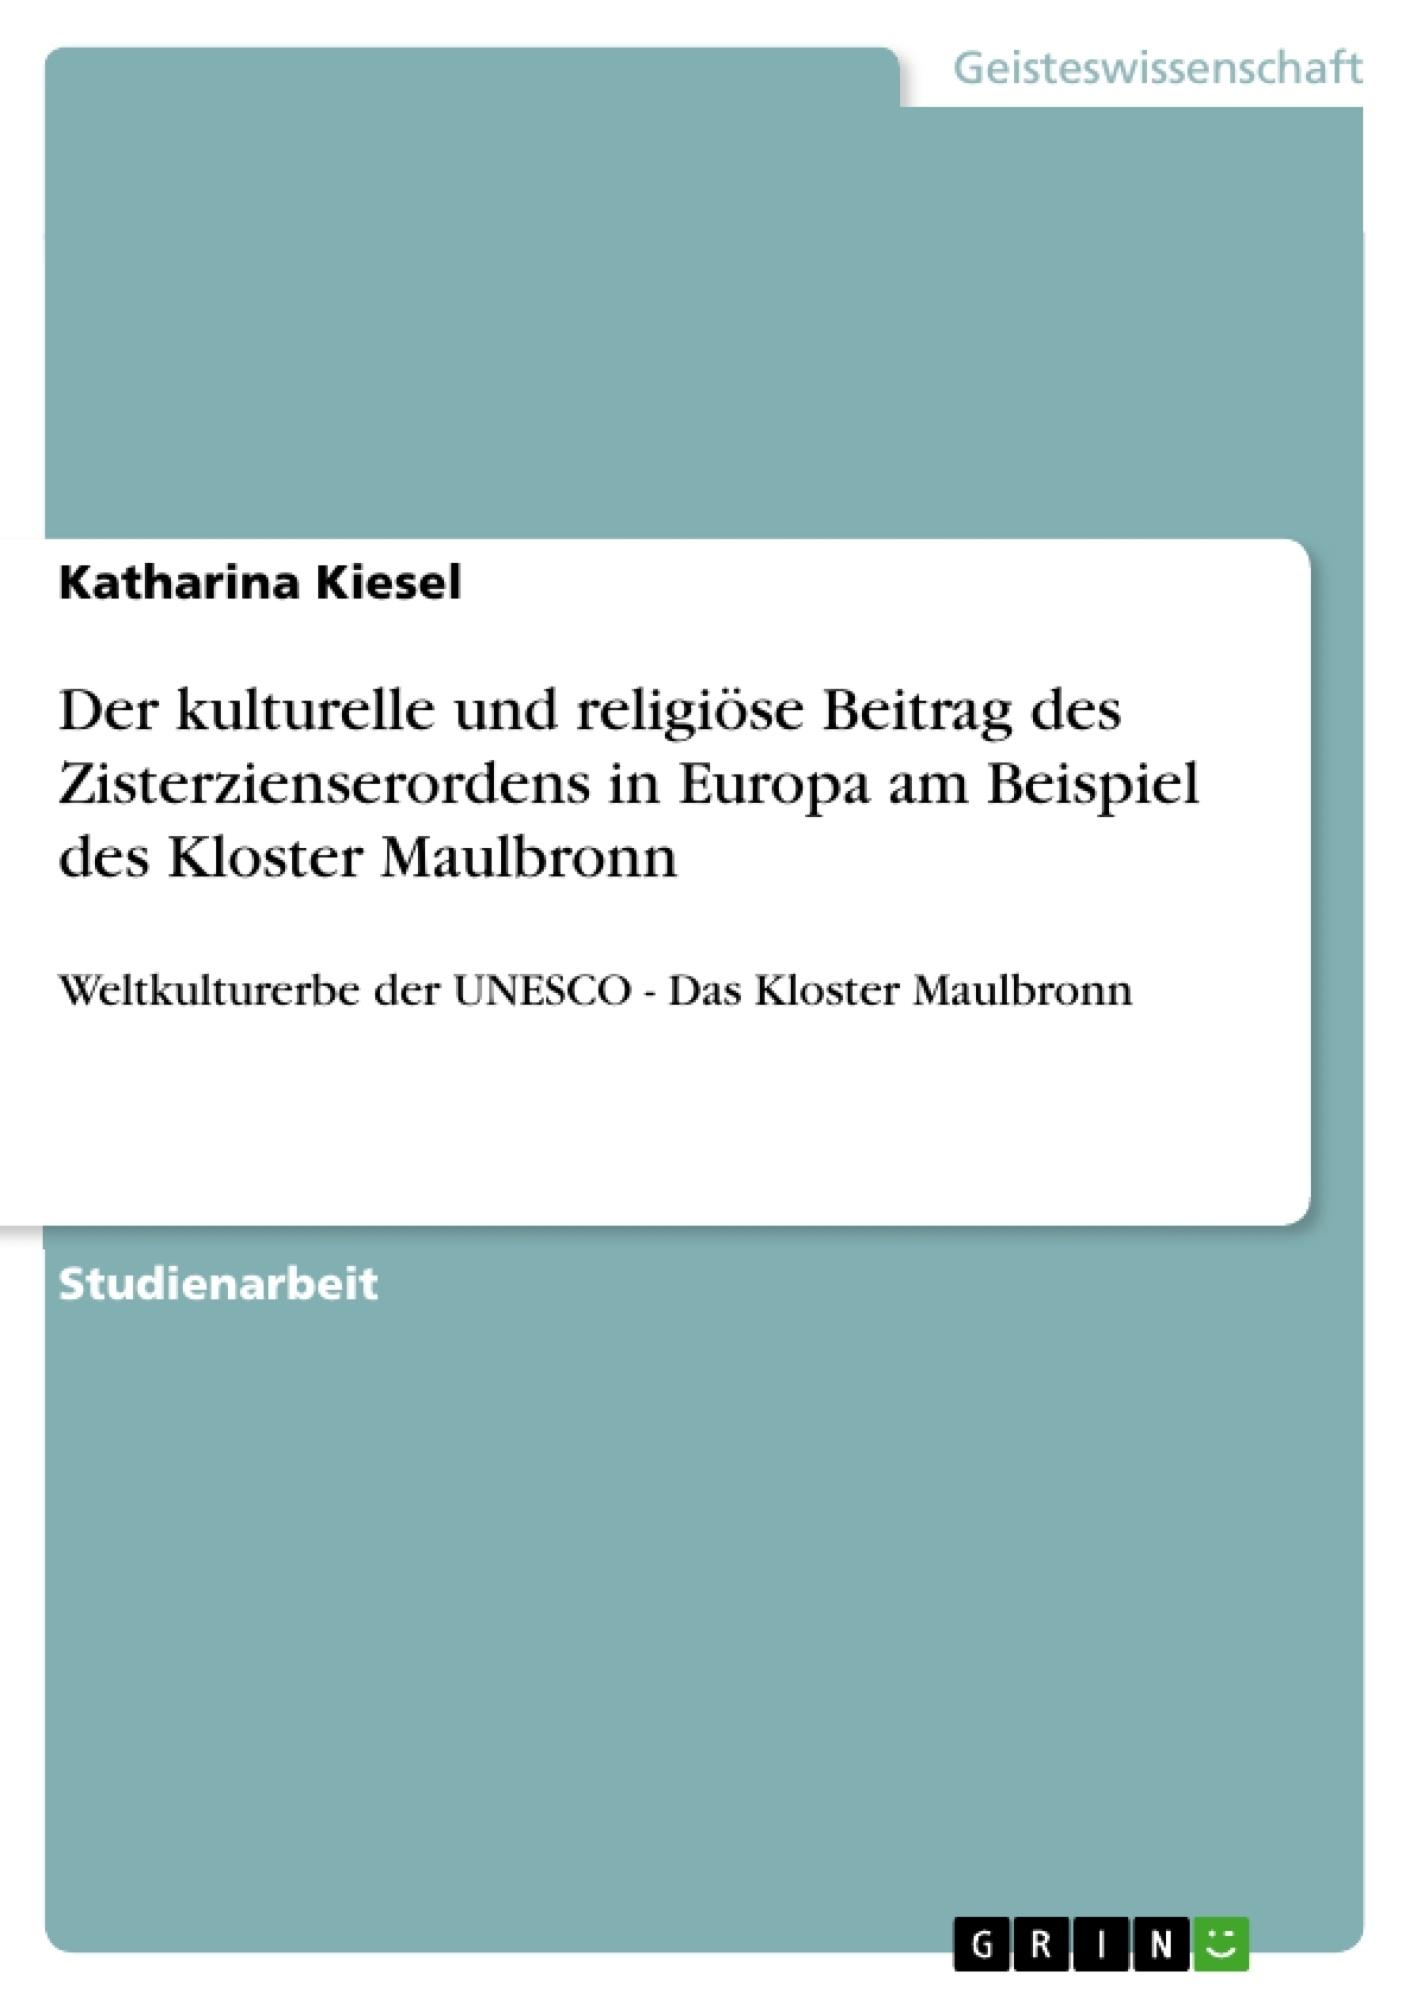 Titel: Der kulturelle und religiöse Beitrag des Zisterzienserordens in Europa am Beispiel des Kloster Maulbronn